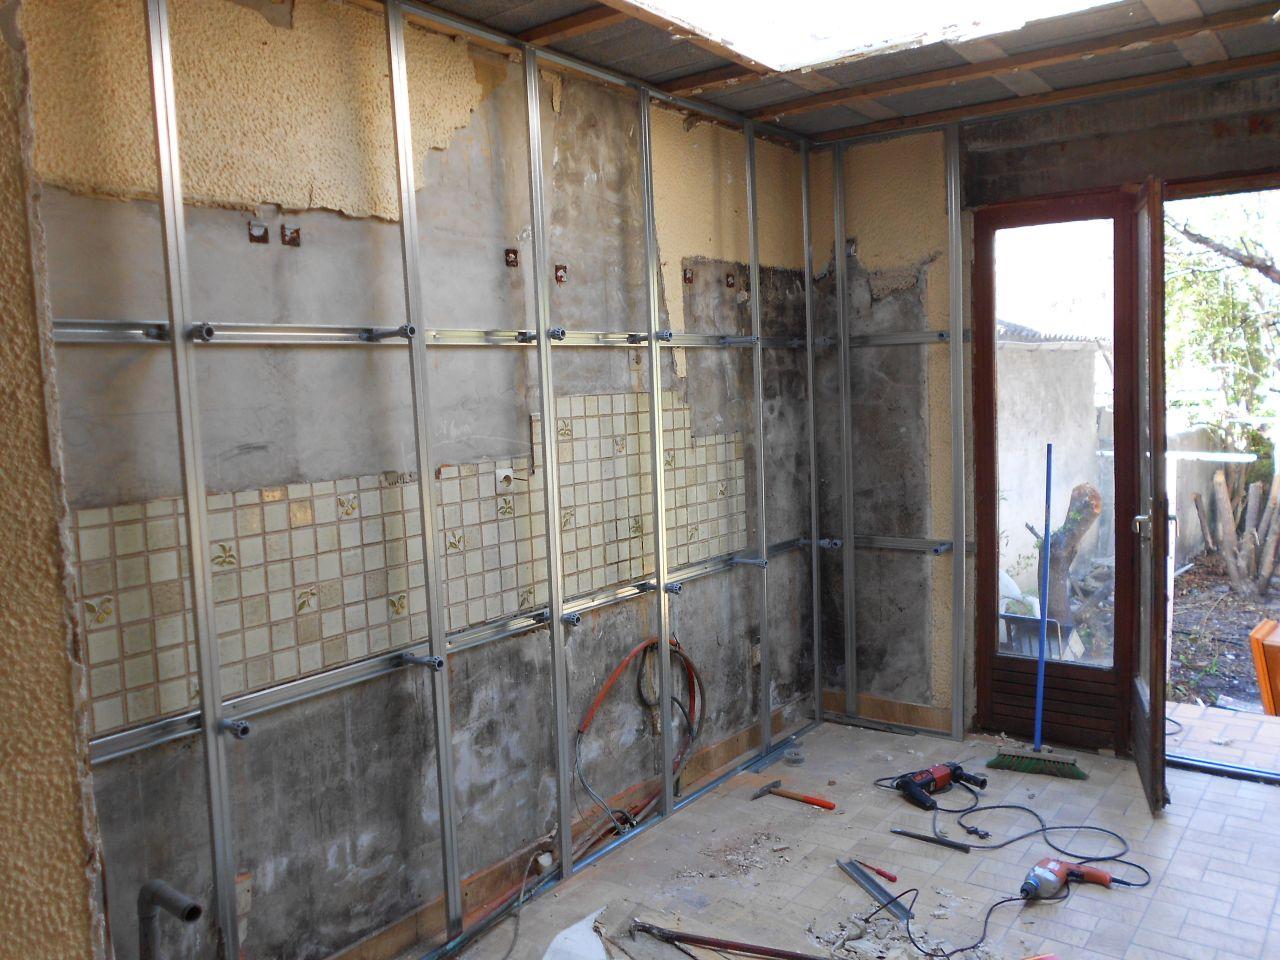 les murs extérieurs seront isolés en 100 gr32 avec un R de 3.15 et PV